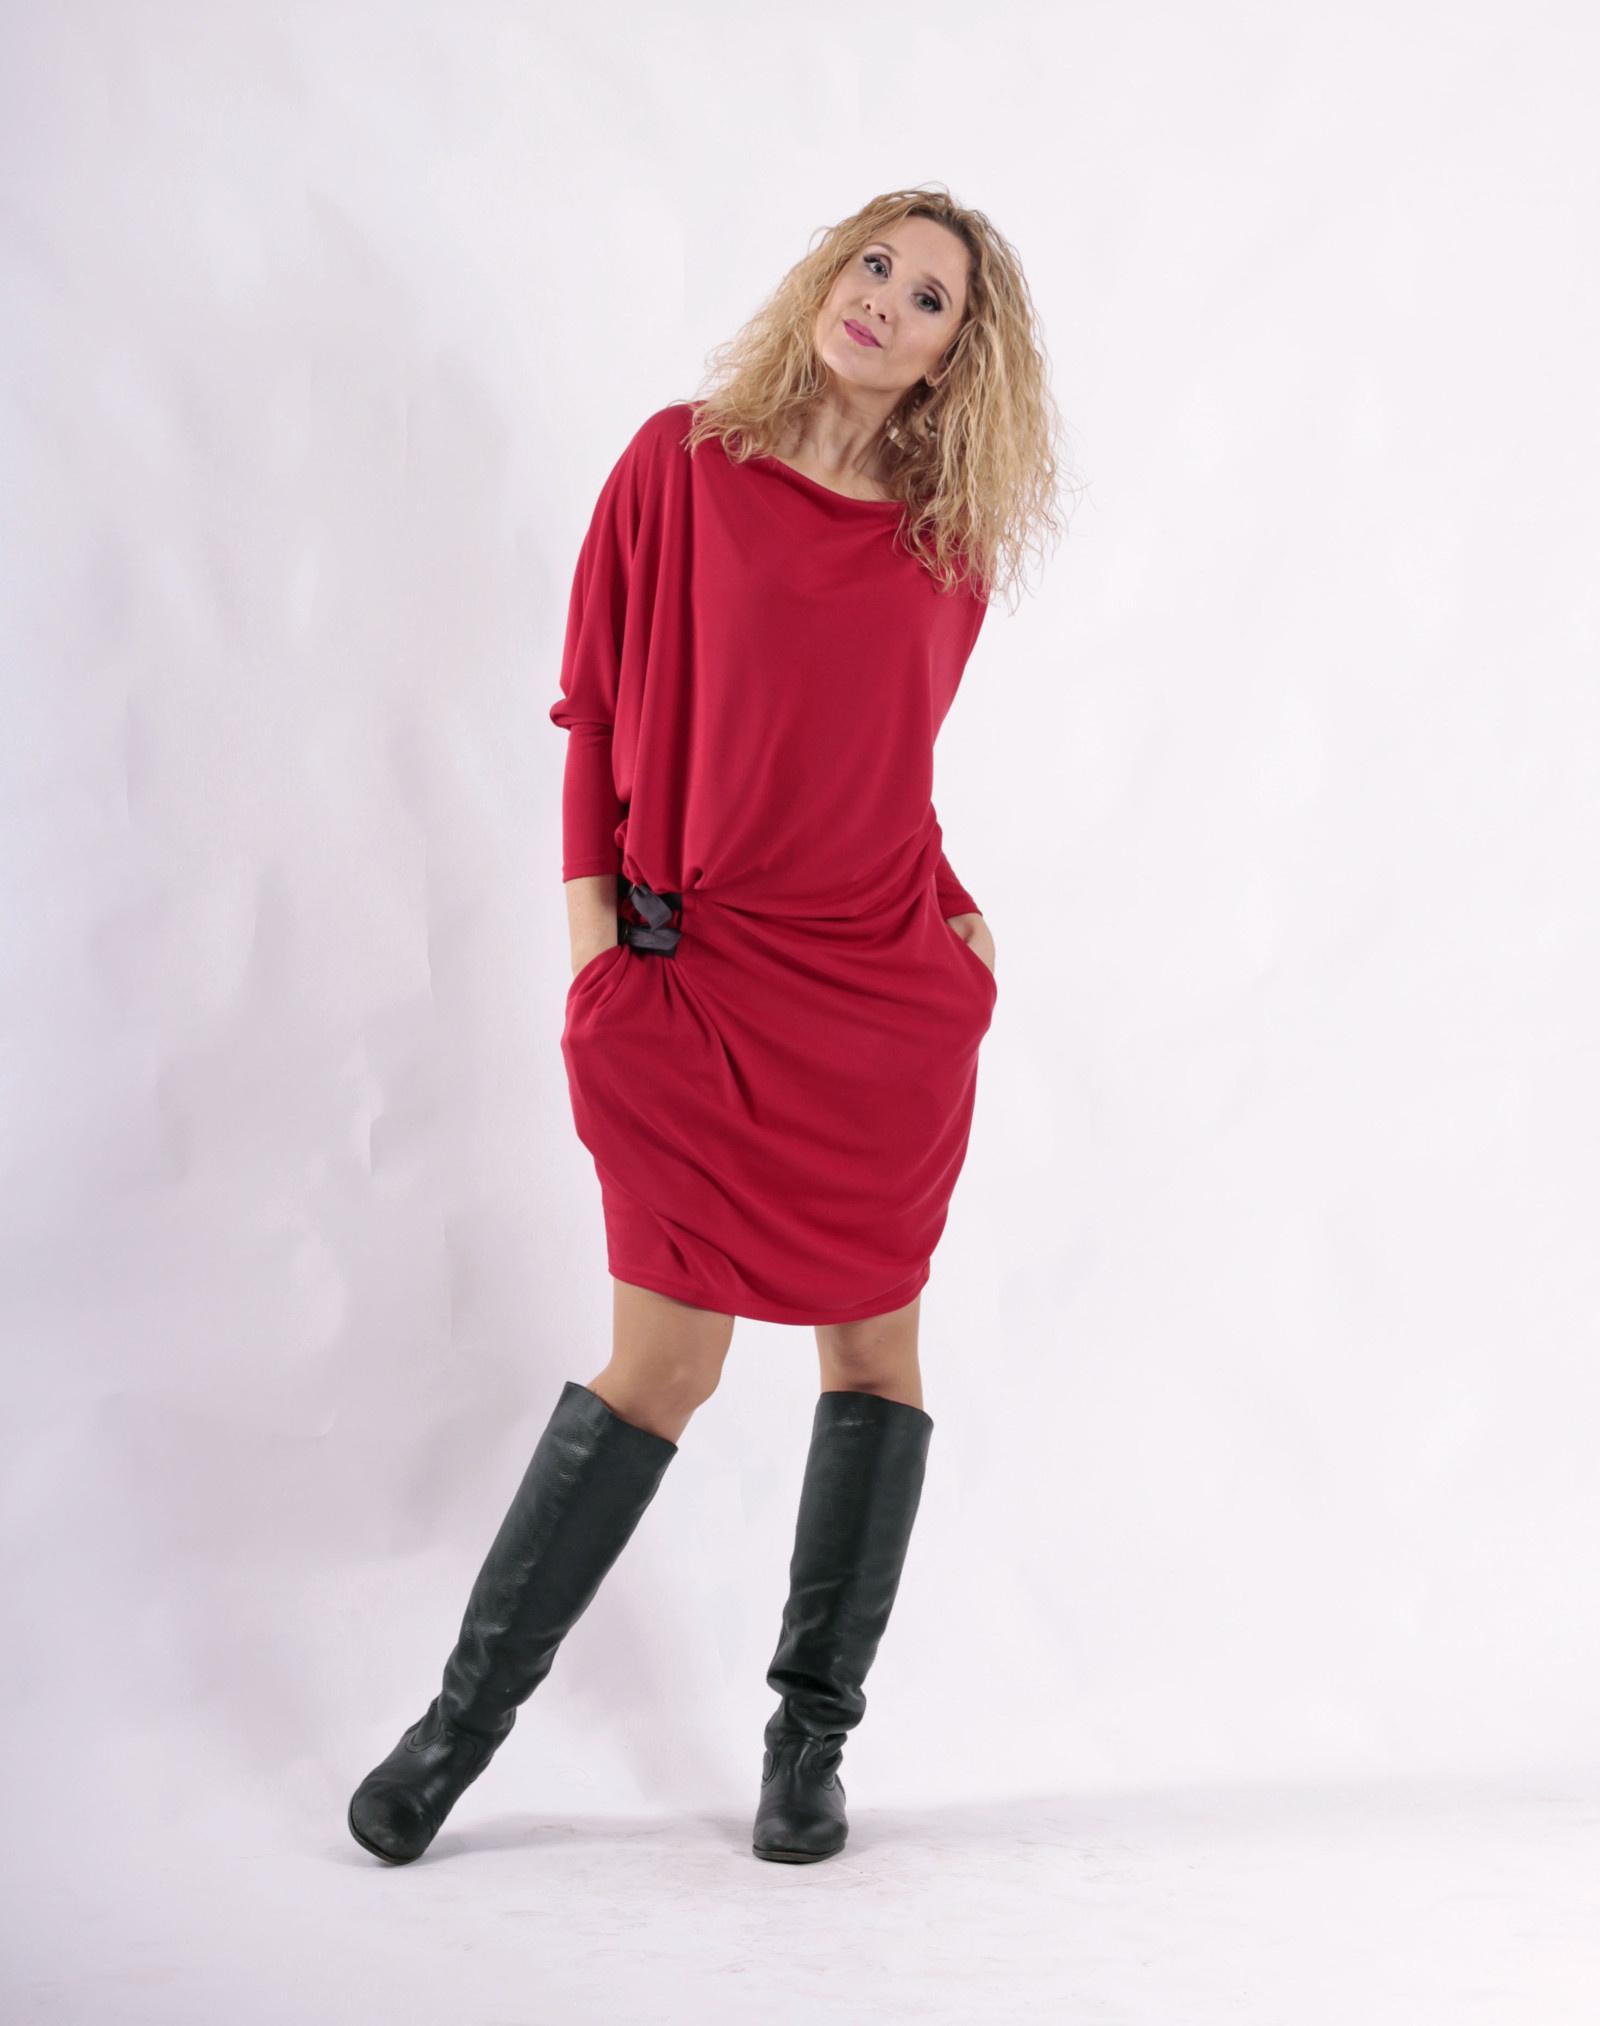 Červené krátké šaty- snížený pas   Zboží prodejce La déesse chic ... de44a3ea35